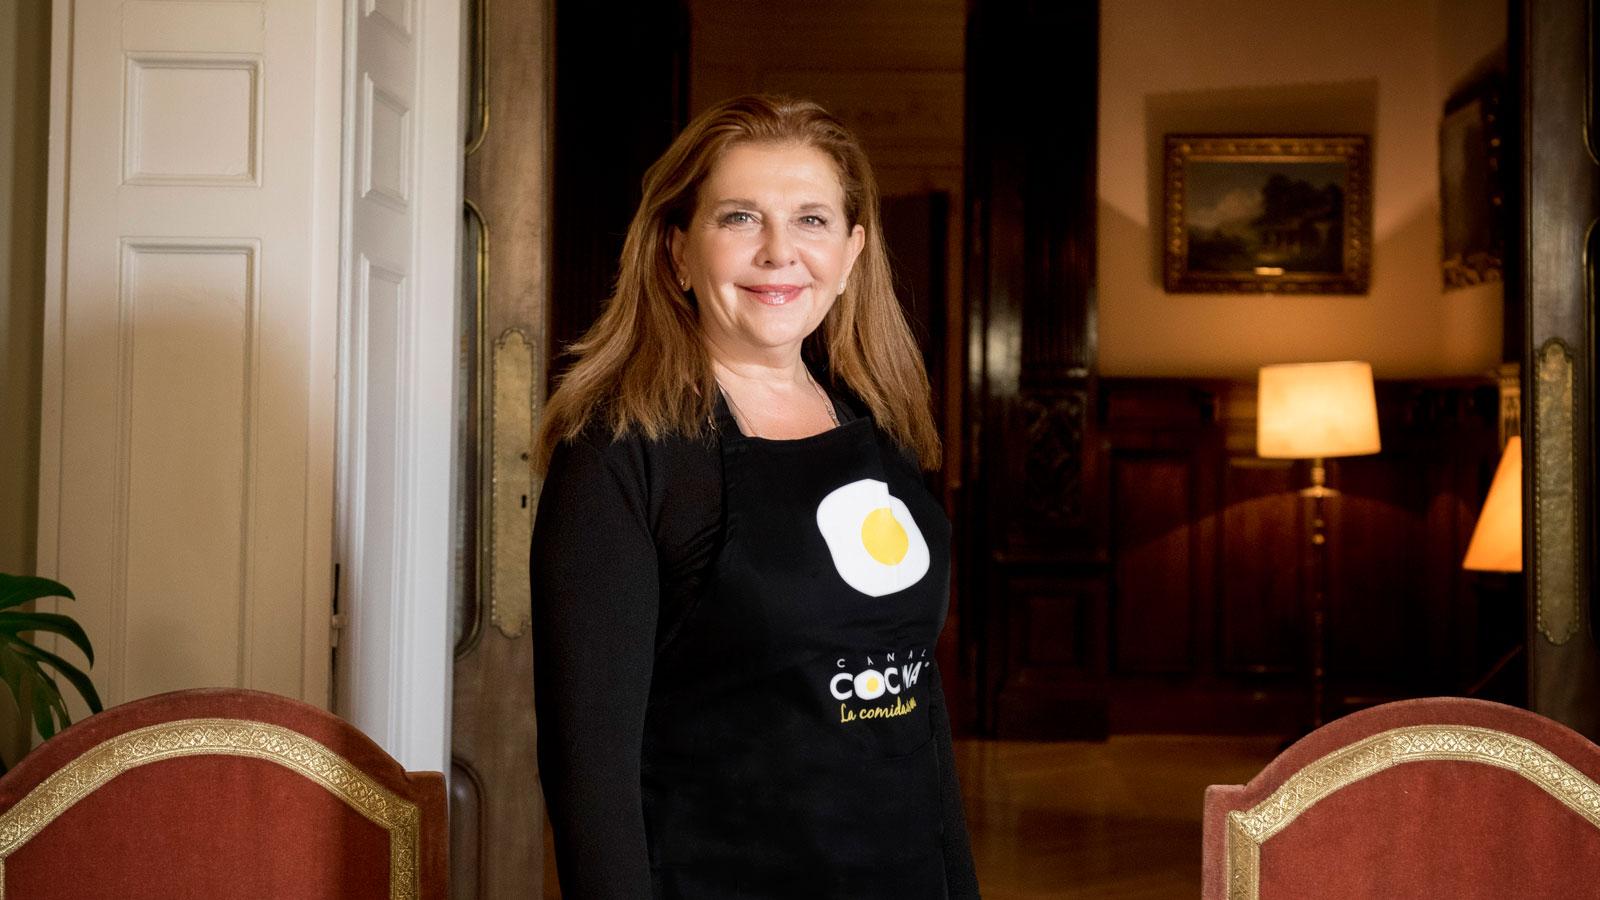 Nicoletta negrini cocineros canal cocina for Cocineros de canal cocina